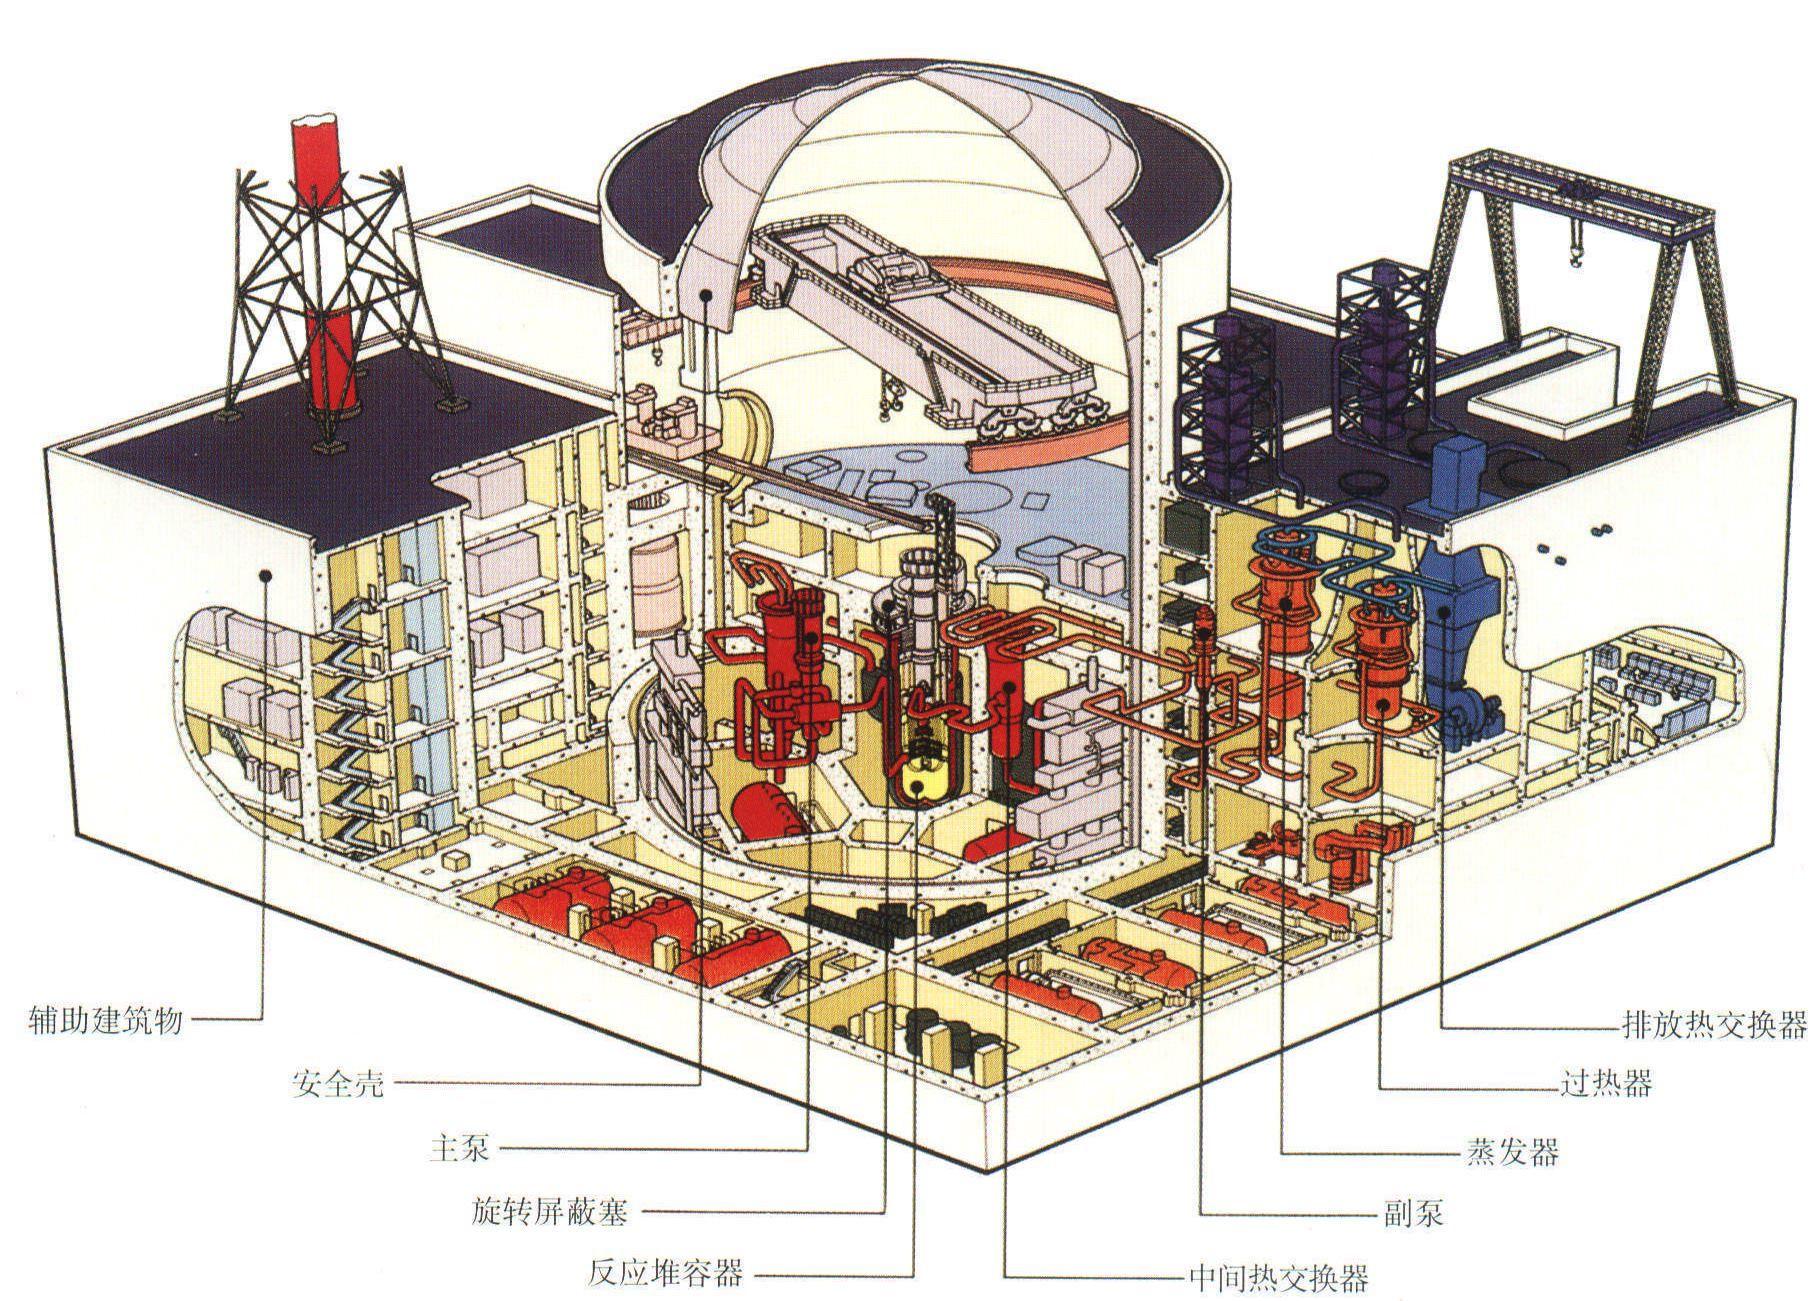 辟謠:隻有30枚!全世界的氫彈都已經報廢,隻有中國有?